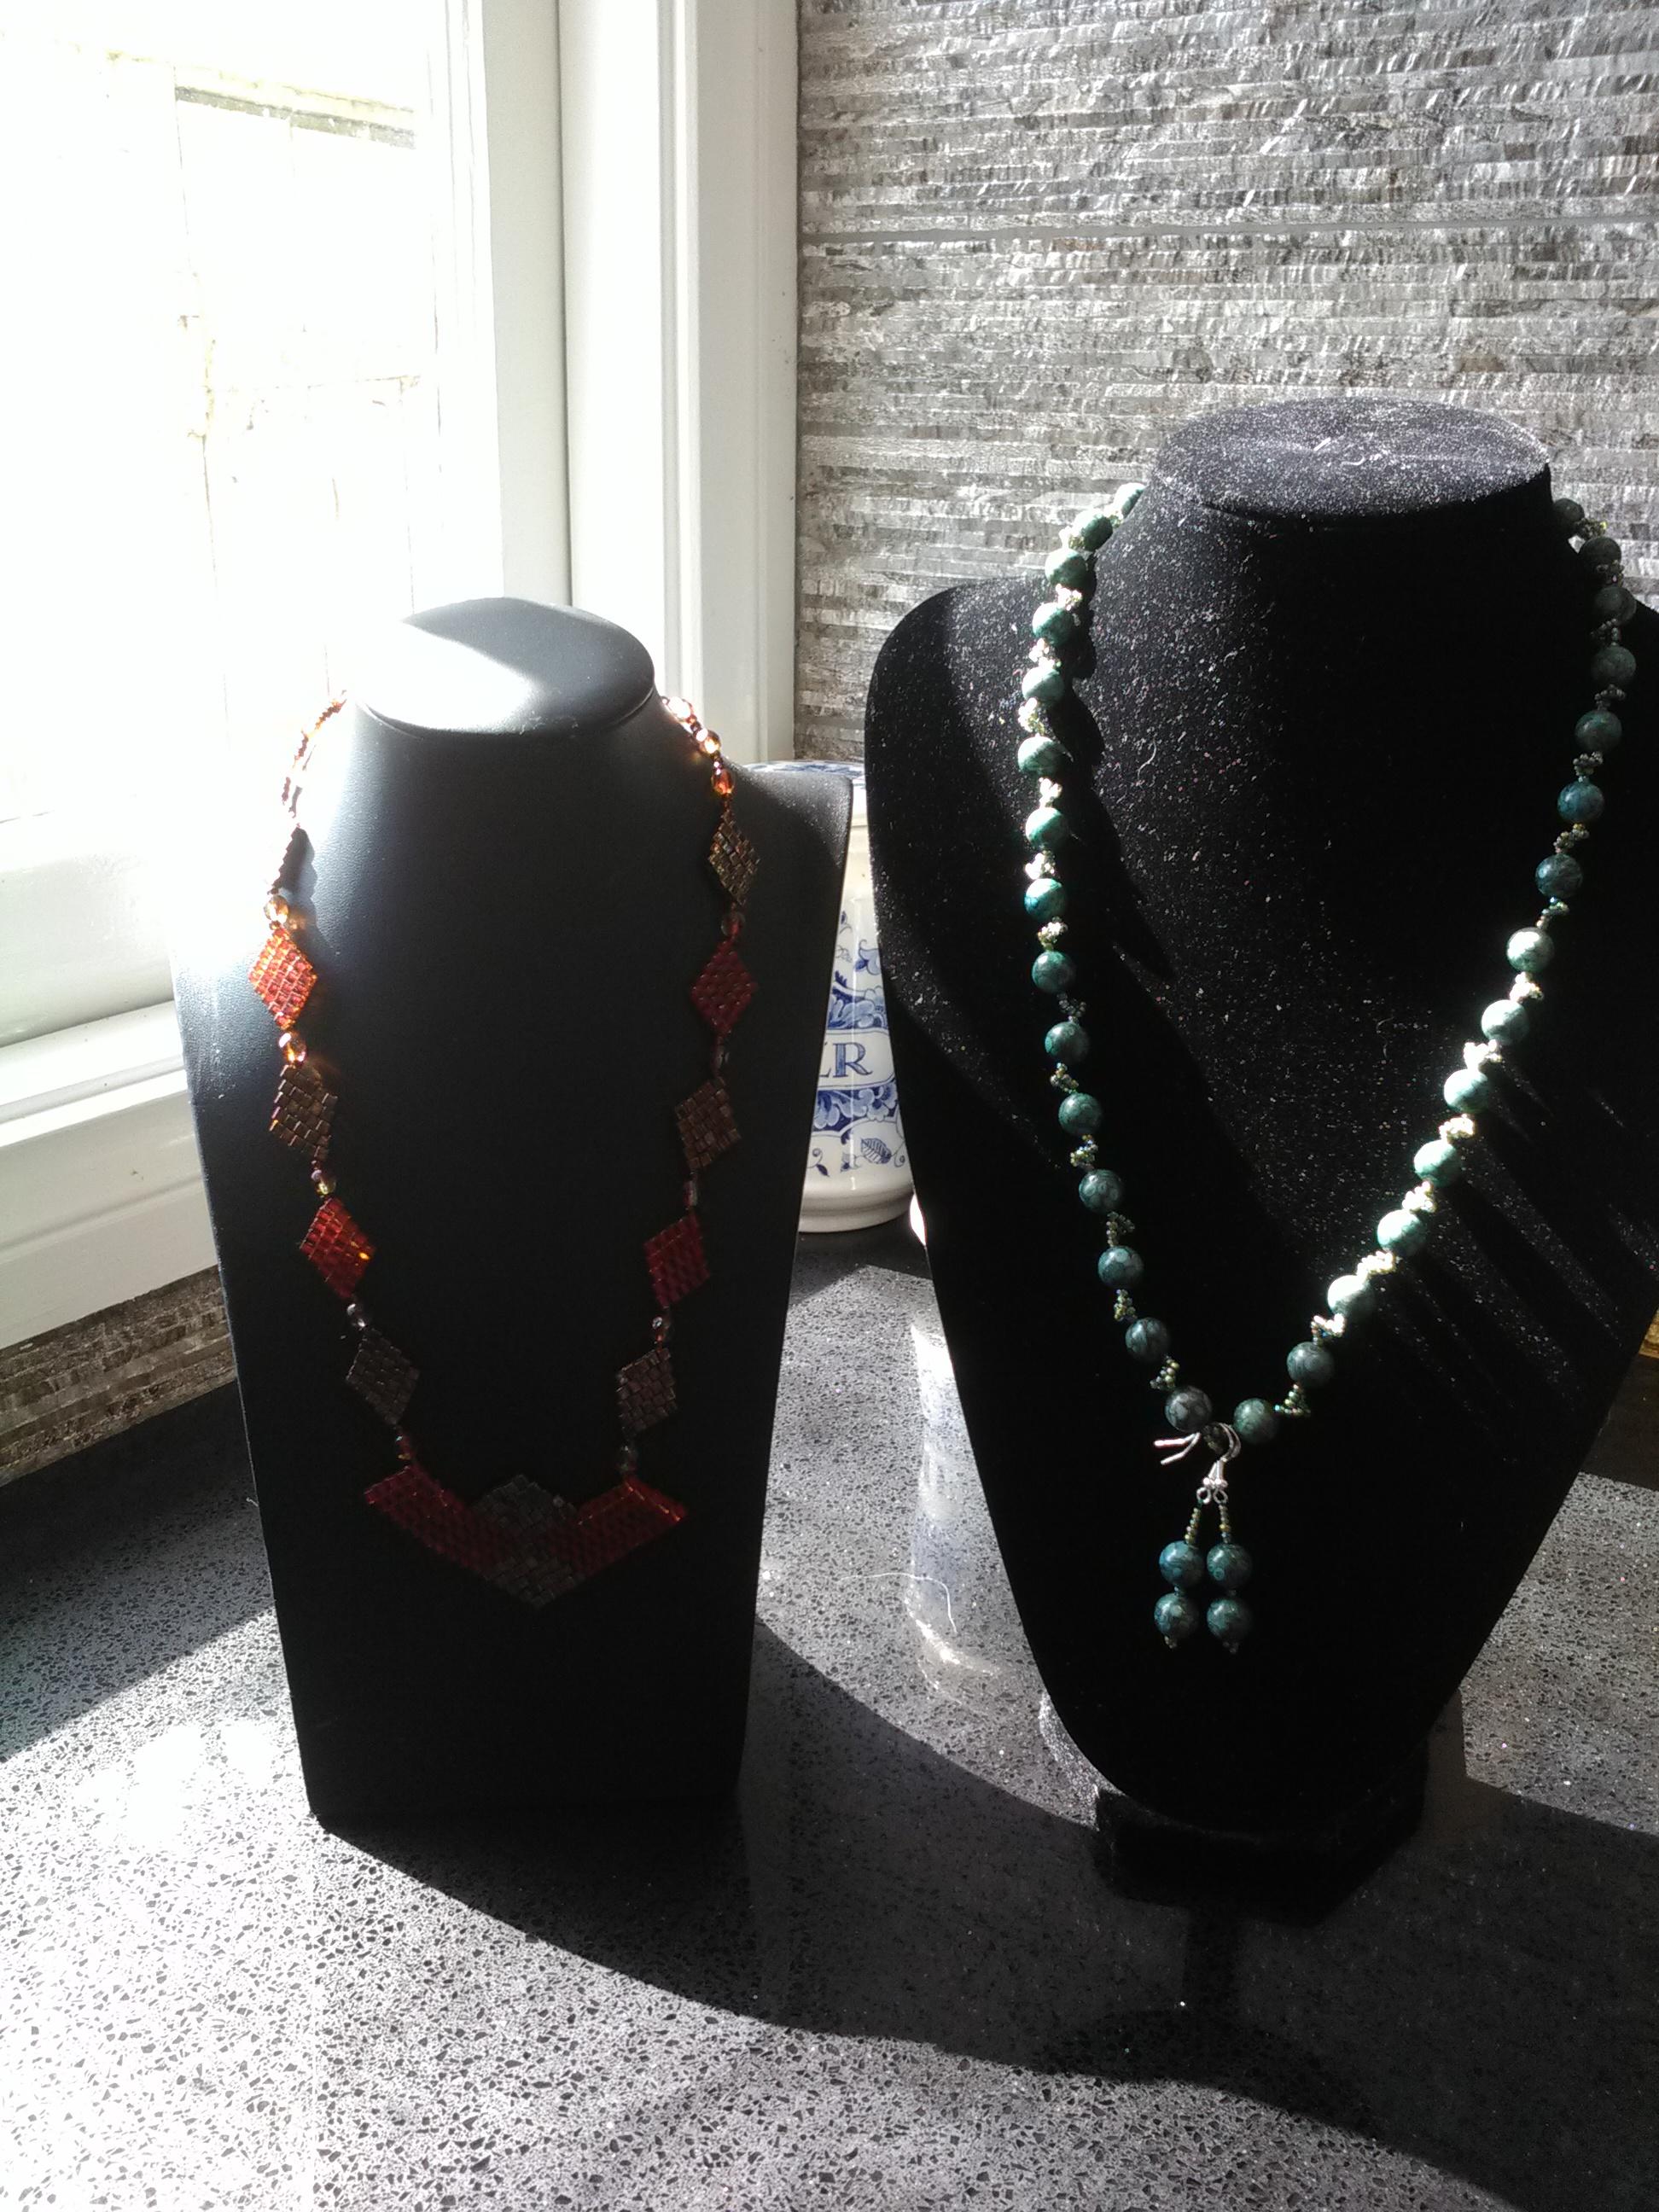 Jewelery by Judy Van Raak